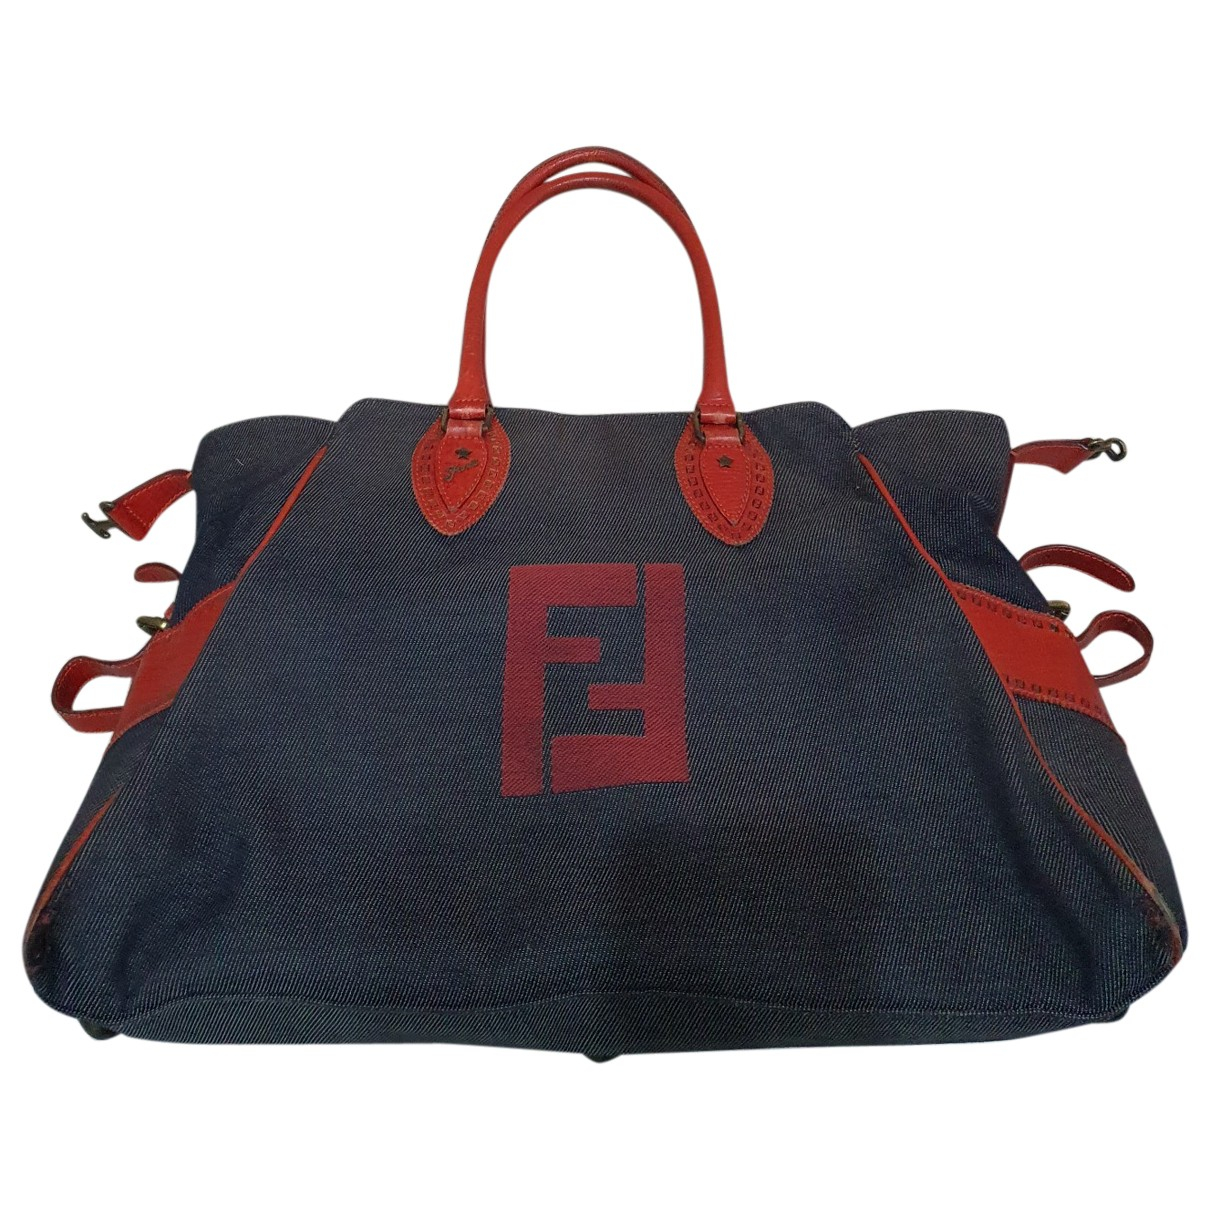 Fendi \N Leather handbag for Women \N